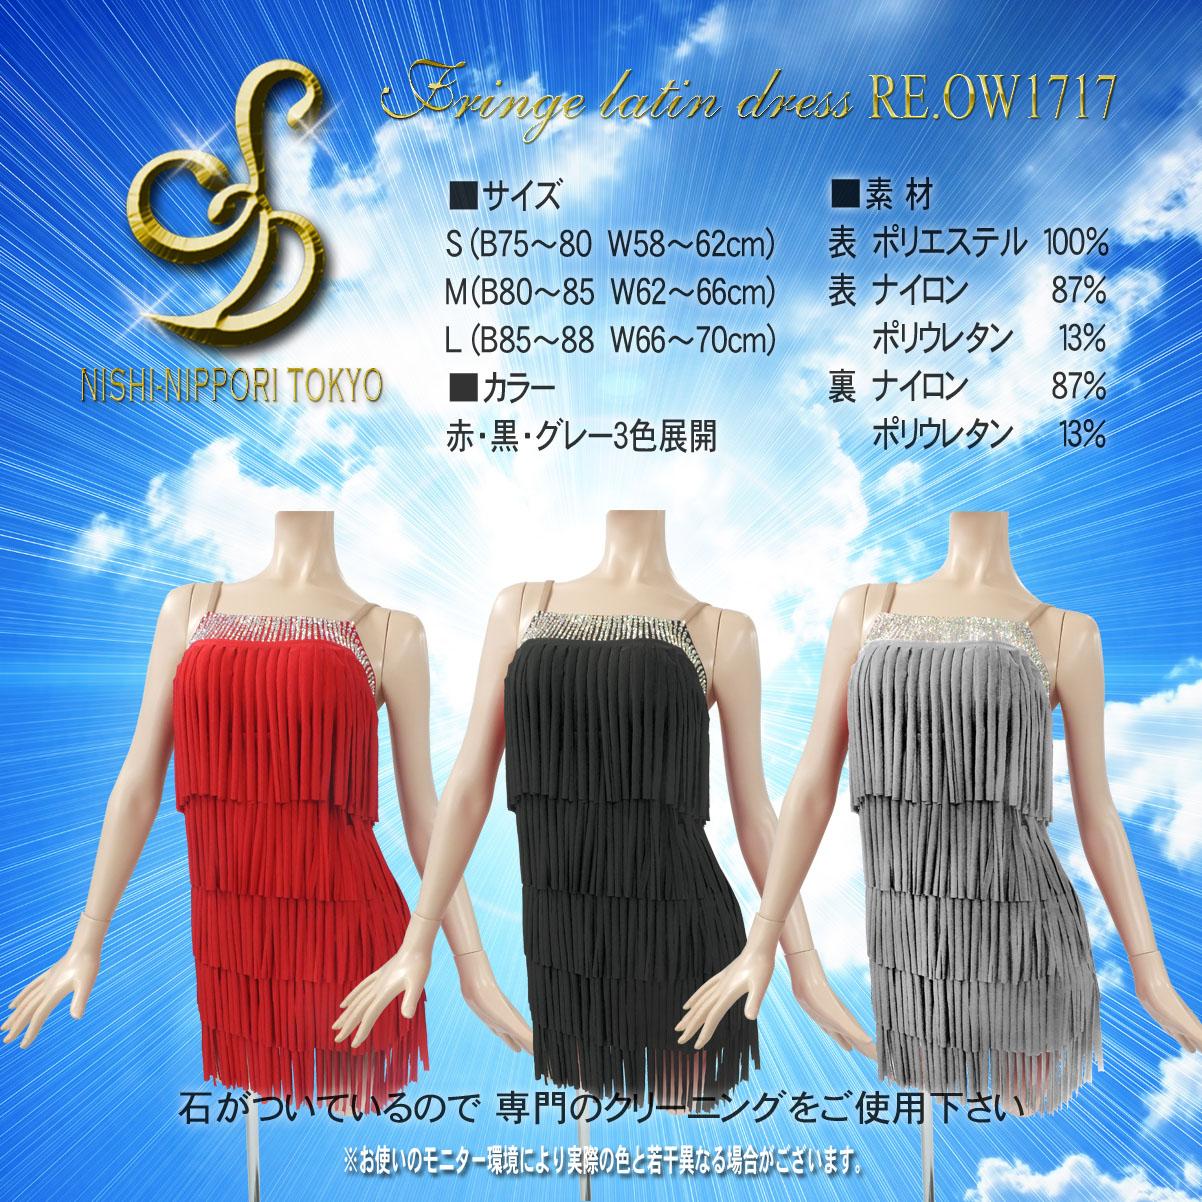 社交ダンス用 フリンジラテンワンピース Fringe latin dress RE.OW1717